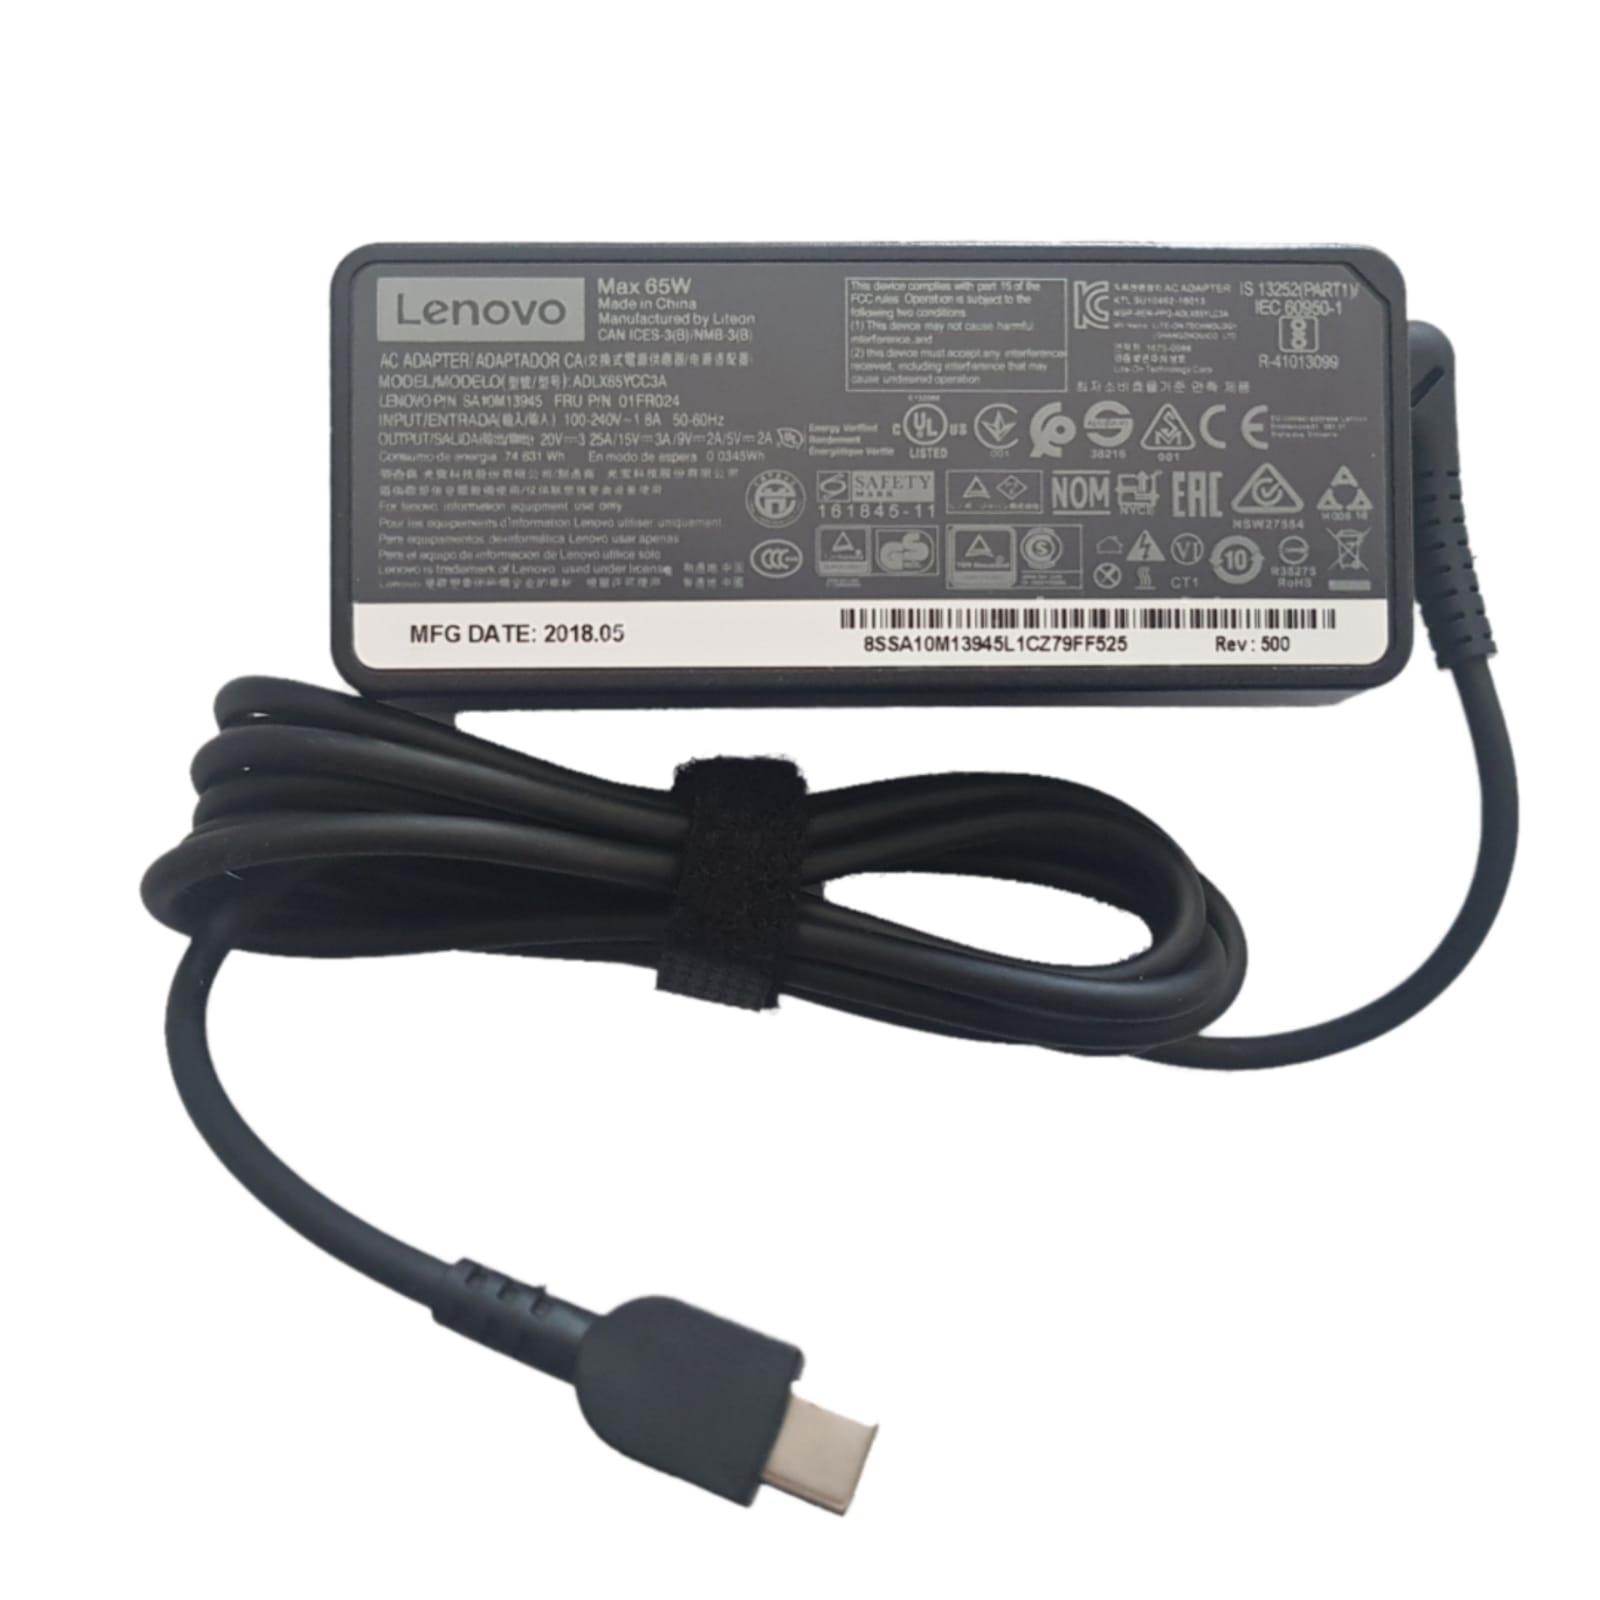 מטען למחשב נייד לנובו Lenovo ThinkPad E580